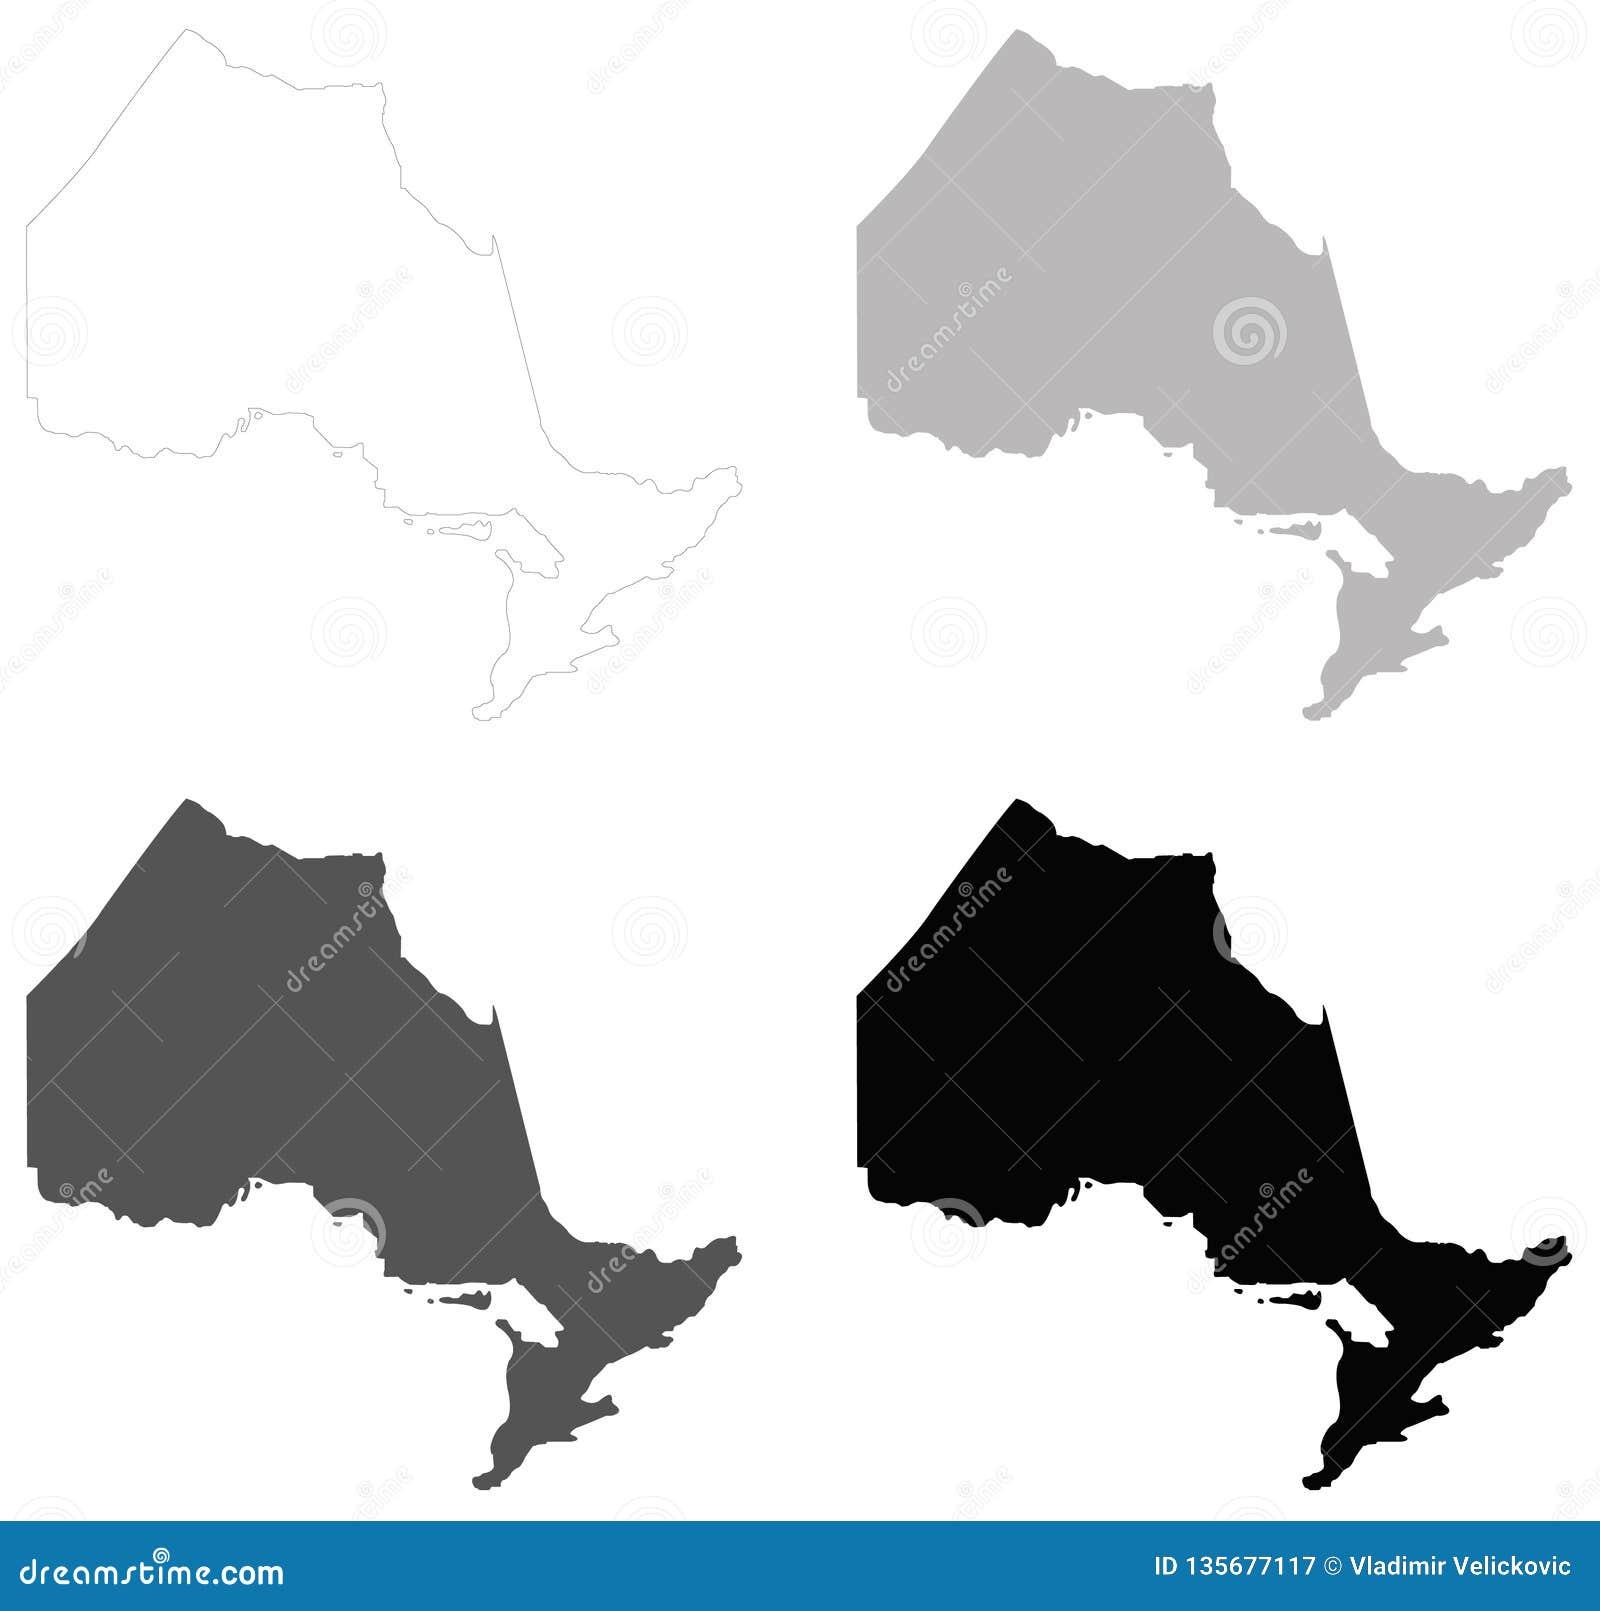 Ontario översikt - landskap som lokaliseras i öst-centralen Kanada